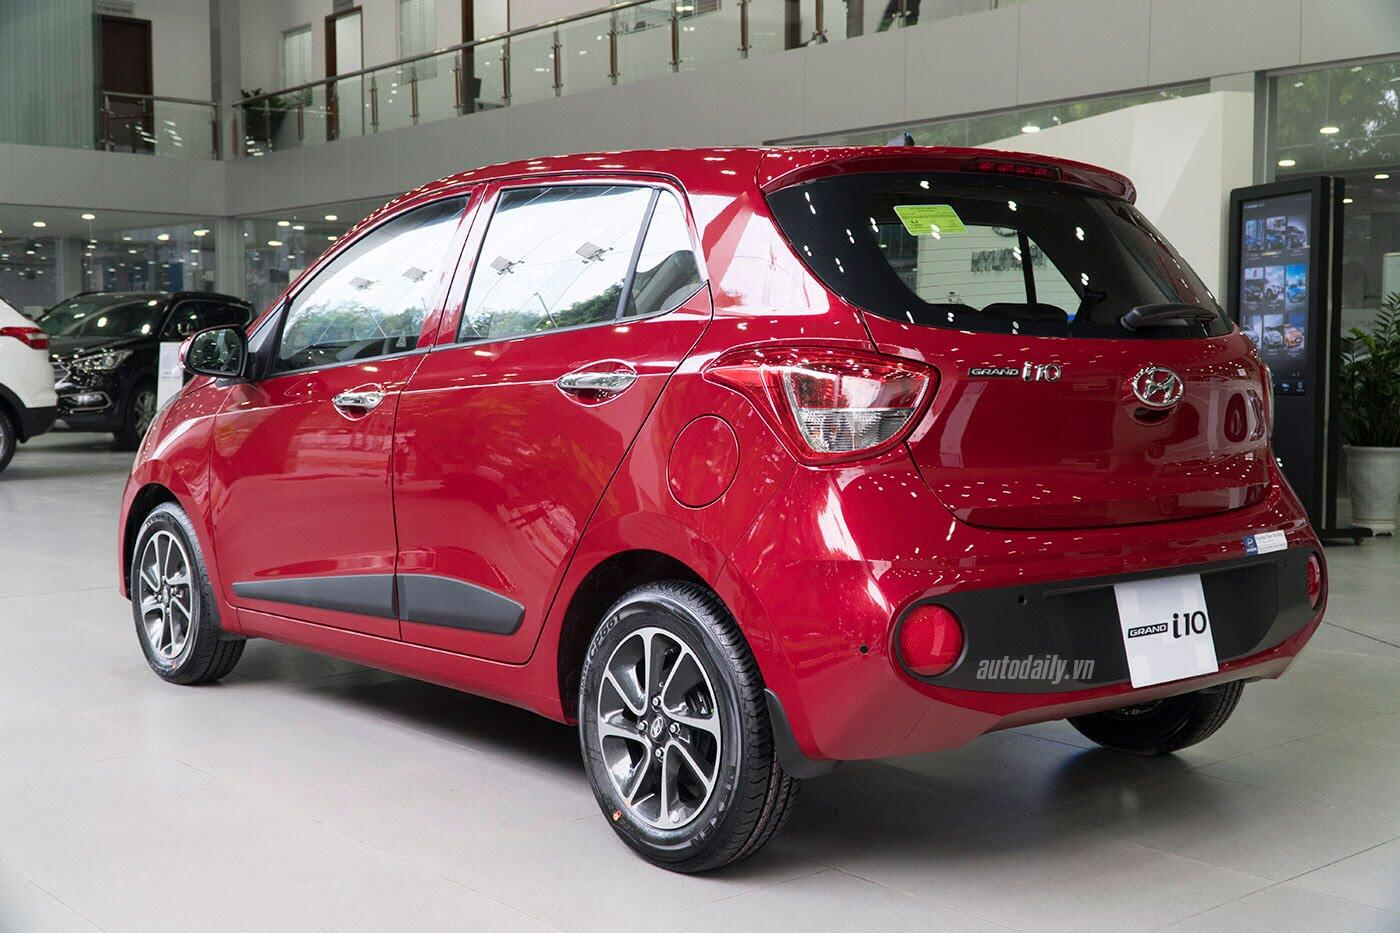 Có 400 triệu đồng, mua Hyundai Grand i10 hay Kia Morning? - Hình 14